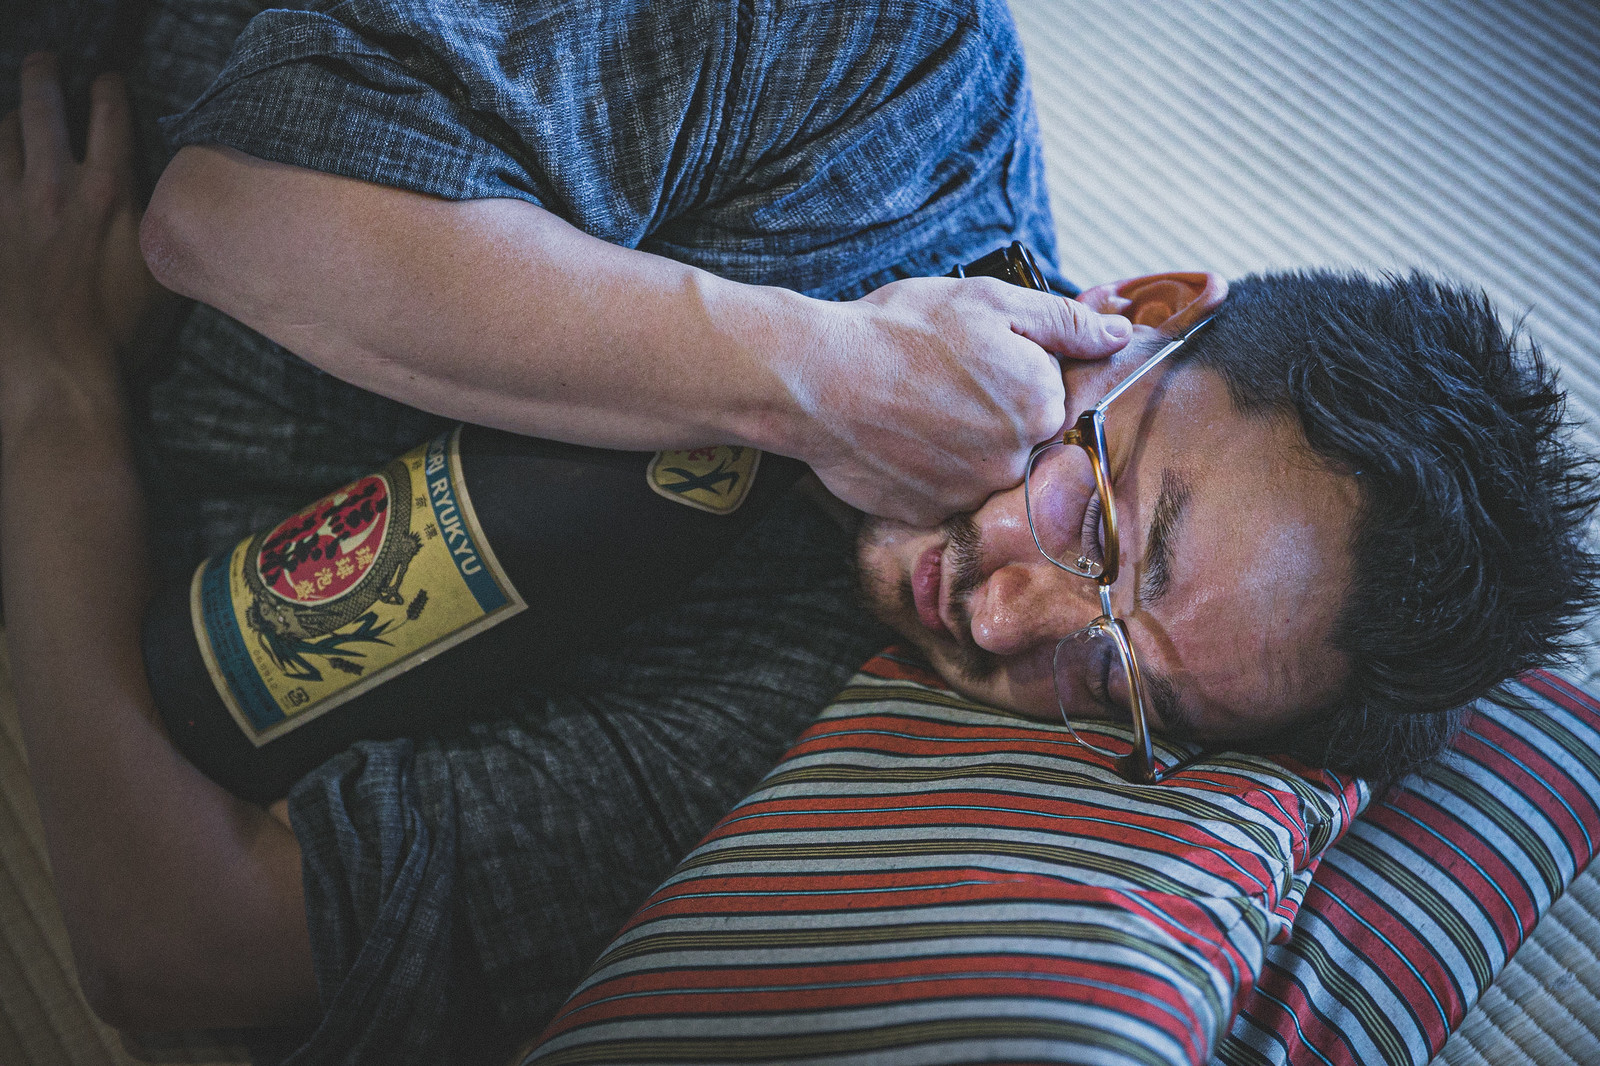 「日本酒の一升瓶を抱えて寝落ちする外国人」の写真[モデル:Max_Ezaki]